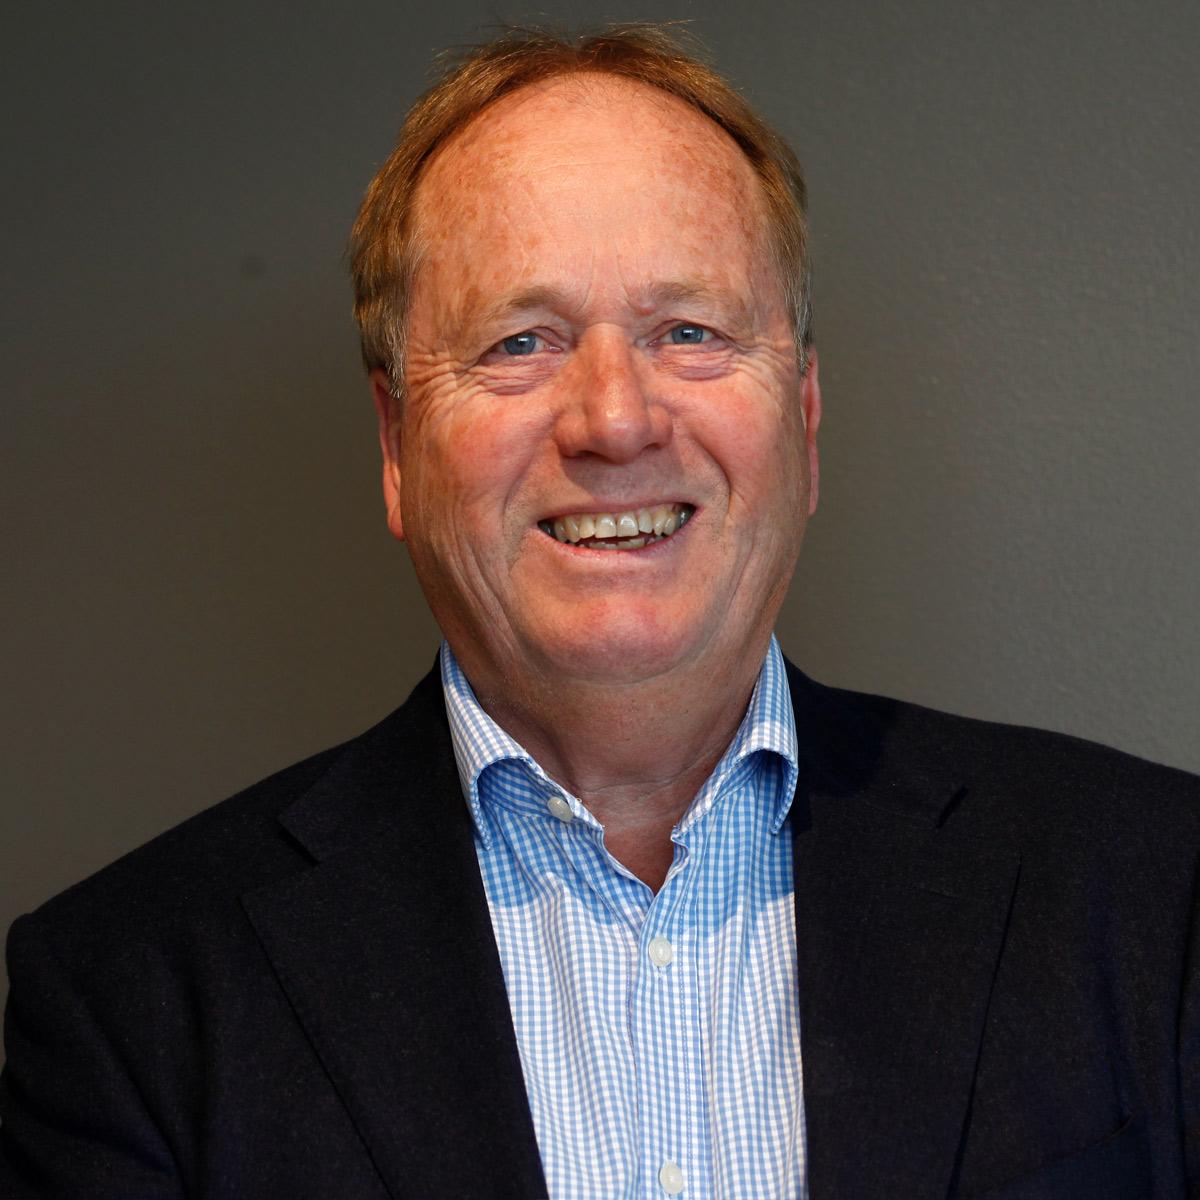 Håkon Sæterøy